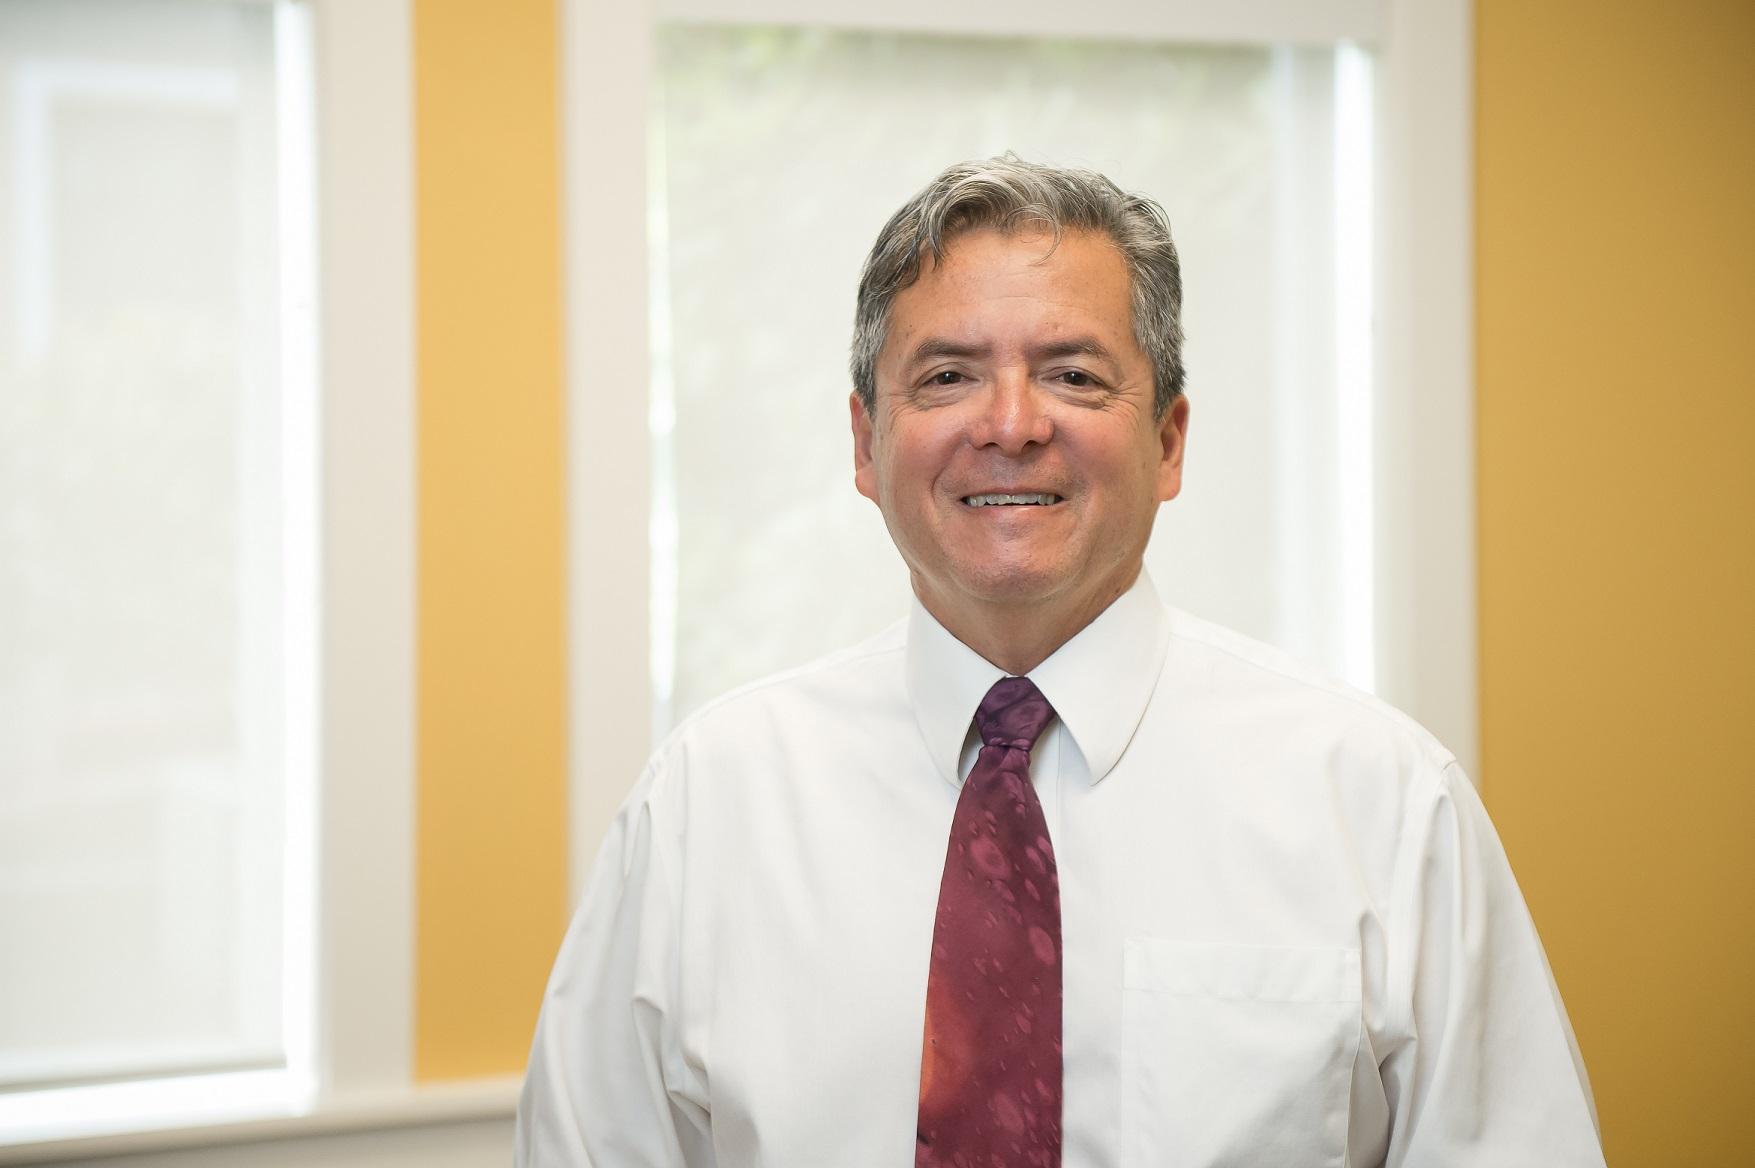 Dr. David Lauter, M.D., F.A.C.S